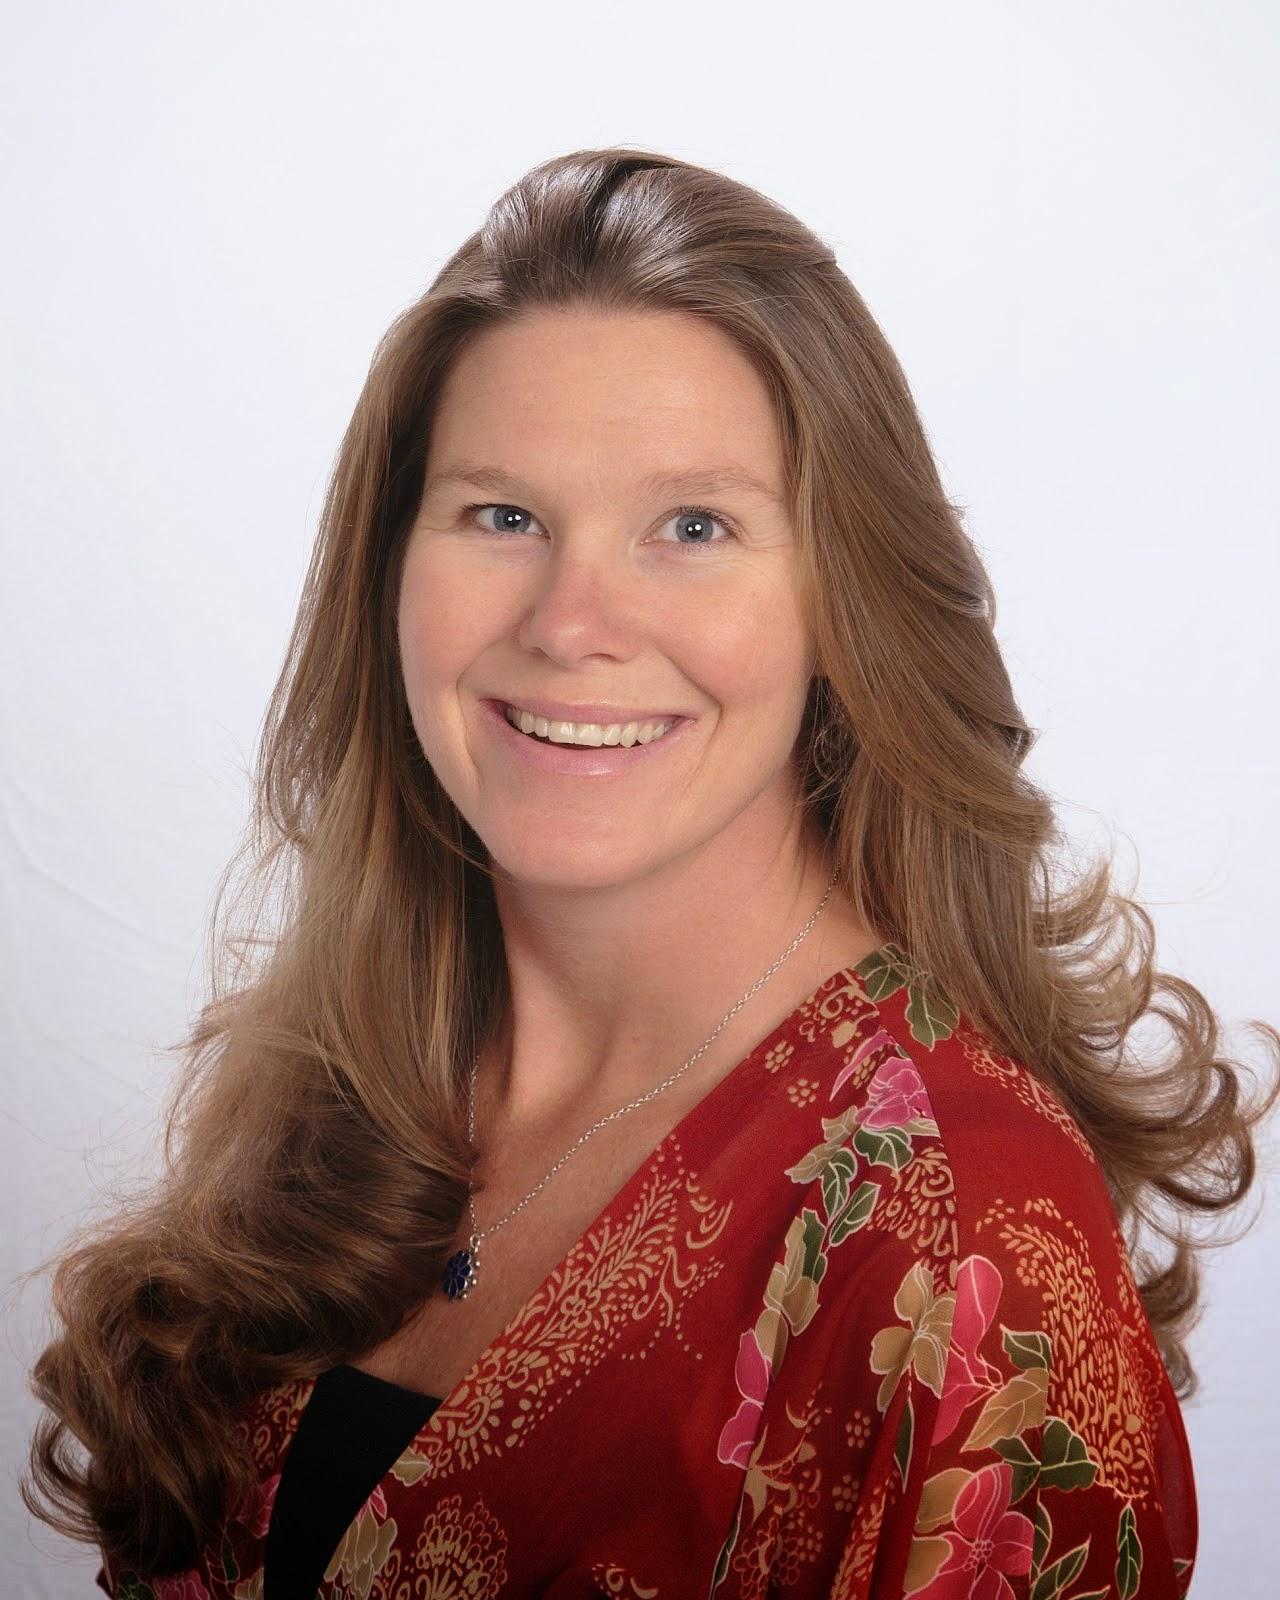 Elizabeth Miner